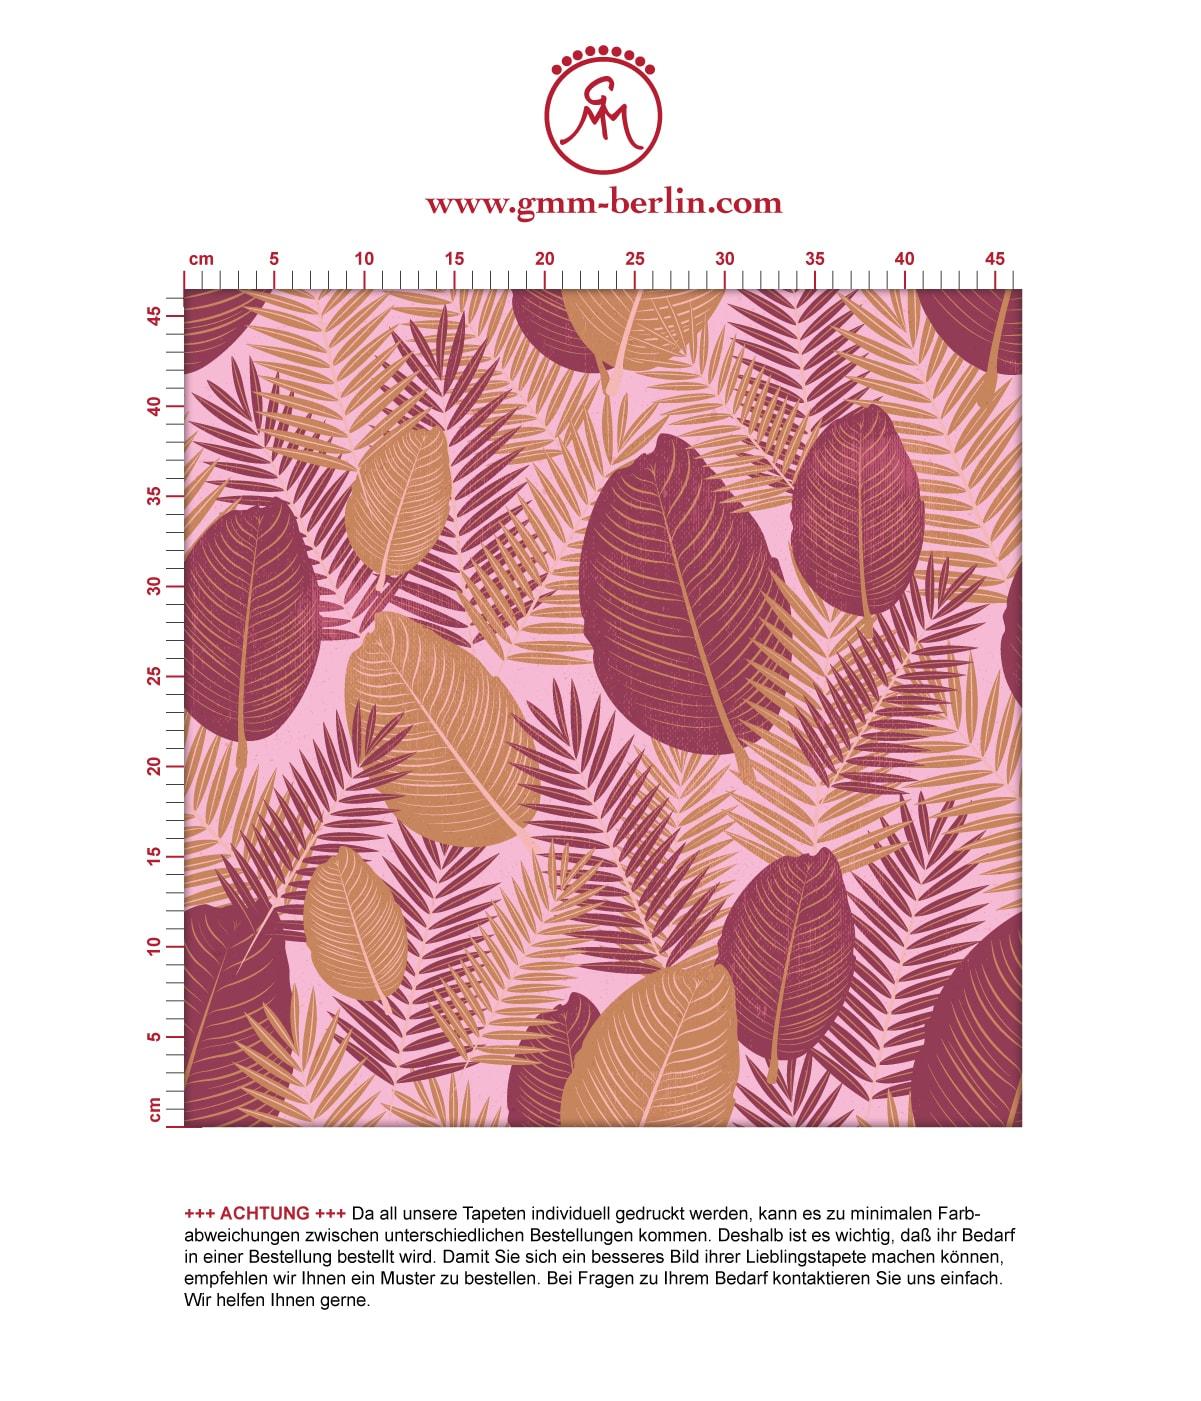 Rote Dschungel Tapete mit großen Blättern, rote Vlies Tapete, üppige, moderne Wanddeko für Flur, Büro. Aus dem GMM-BERLIN.com Sortiment: Schöne Tapeten in der Farbe: rot